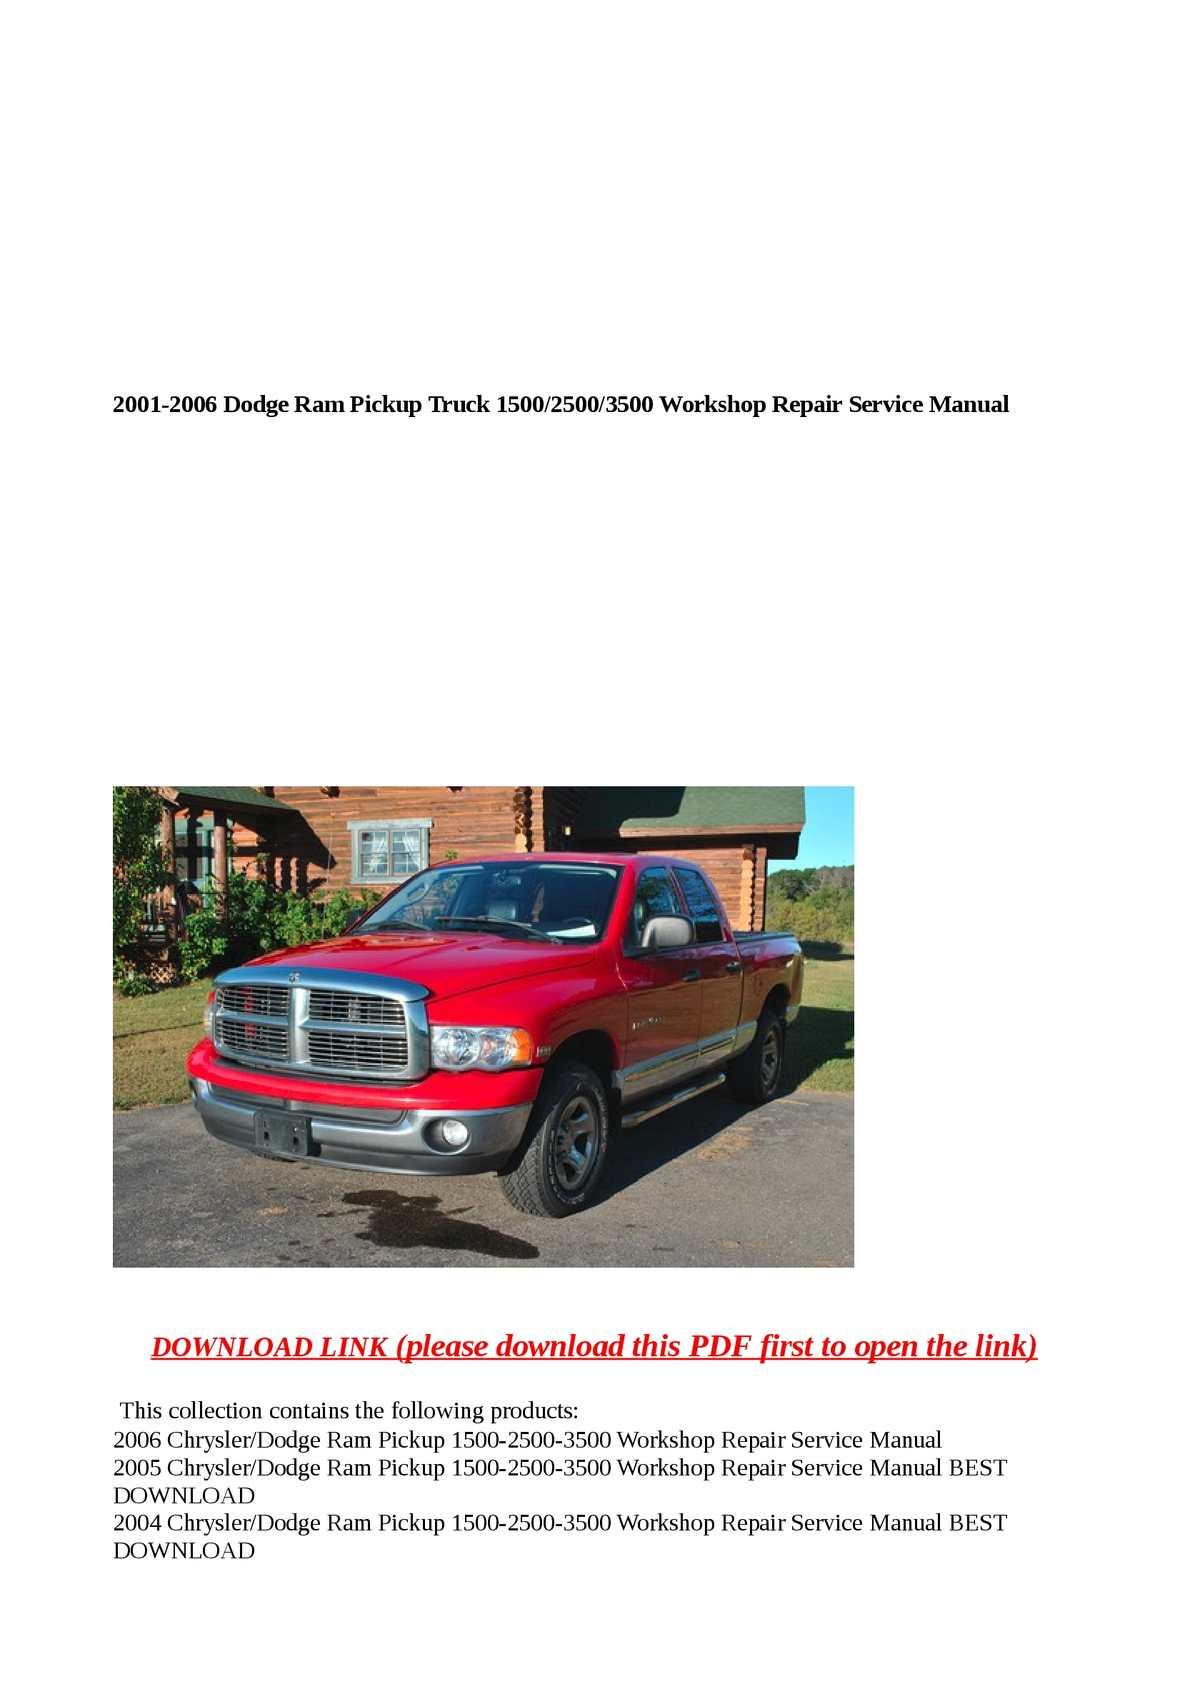 ... Array - calam o 2001 2006 dodge ram pickup truck 1500 2500 3500 works  rh calameo Array - dodge pick ups 1994 2001 haynes repair manuals ...